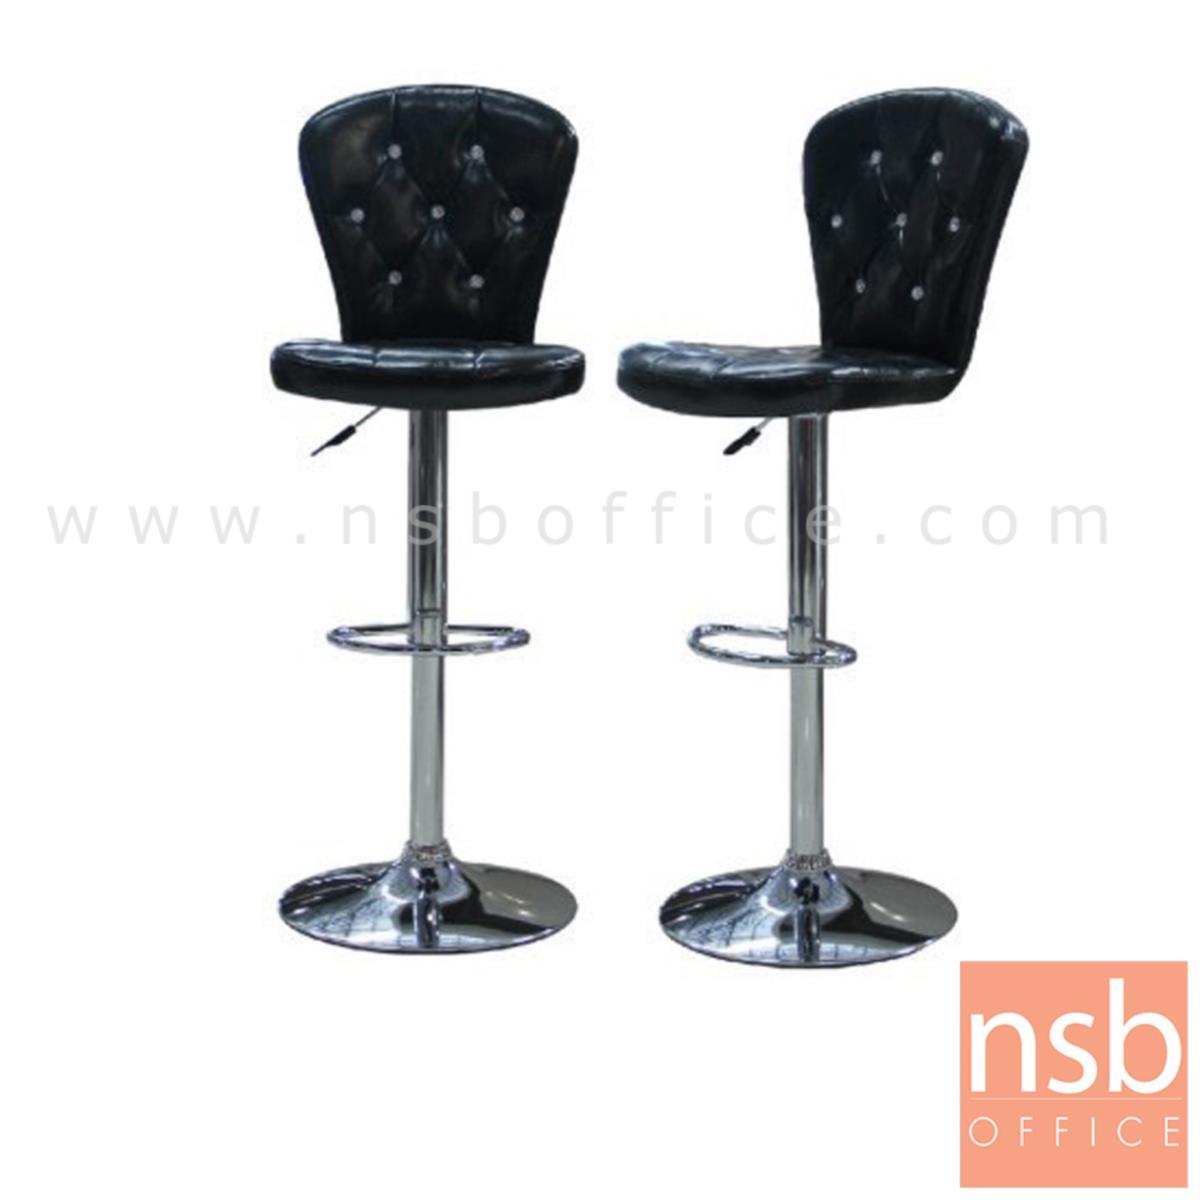 B18A085:เก้าอี้บาร์ รุ่น Jackson (แจ็คสัน) ขาโครเมี่ยมฐานจานกลม